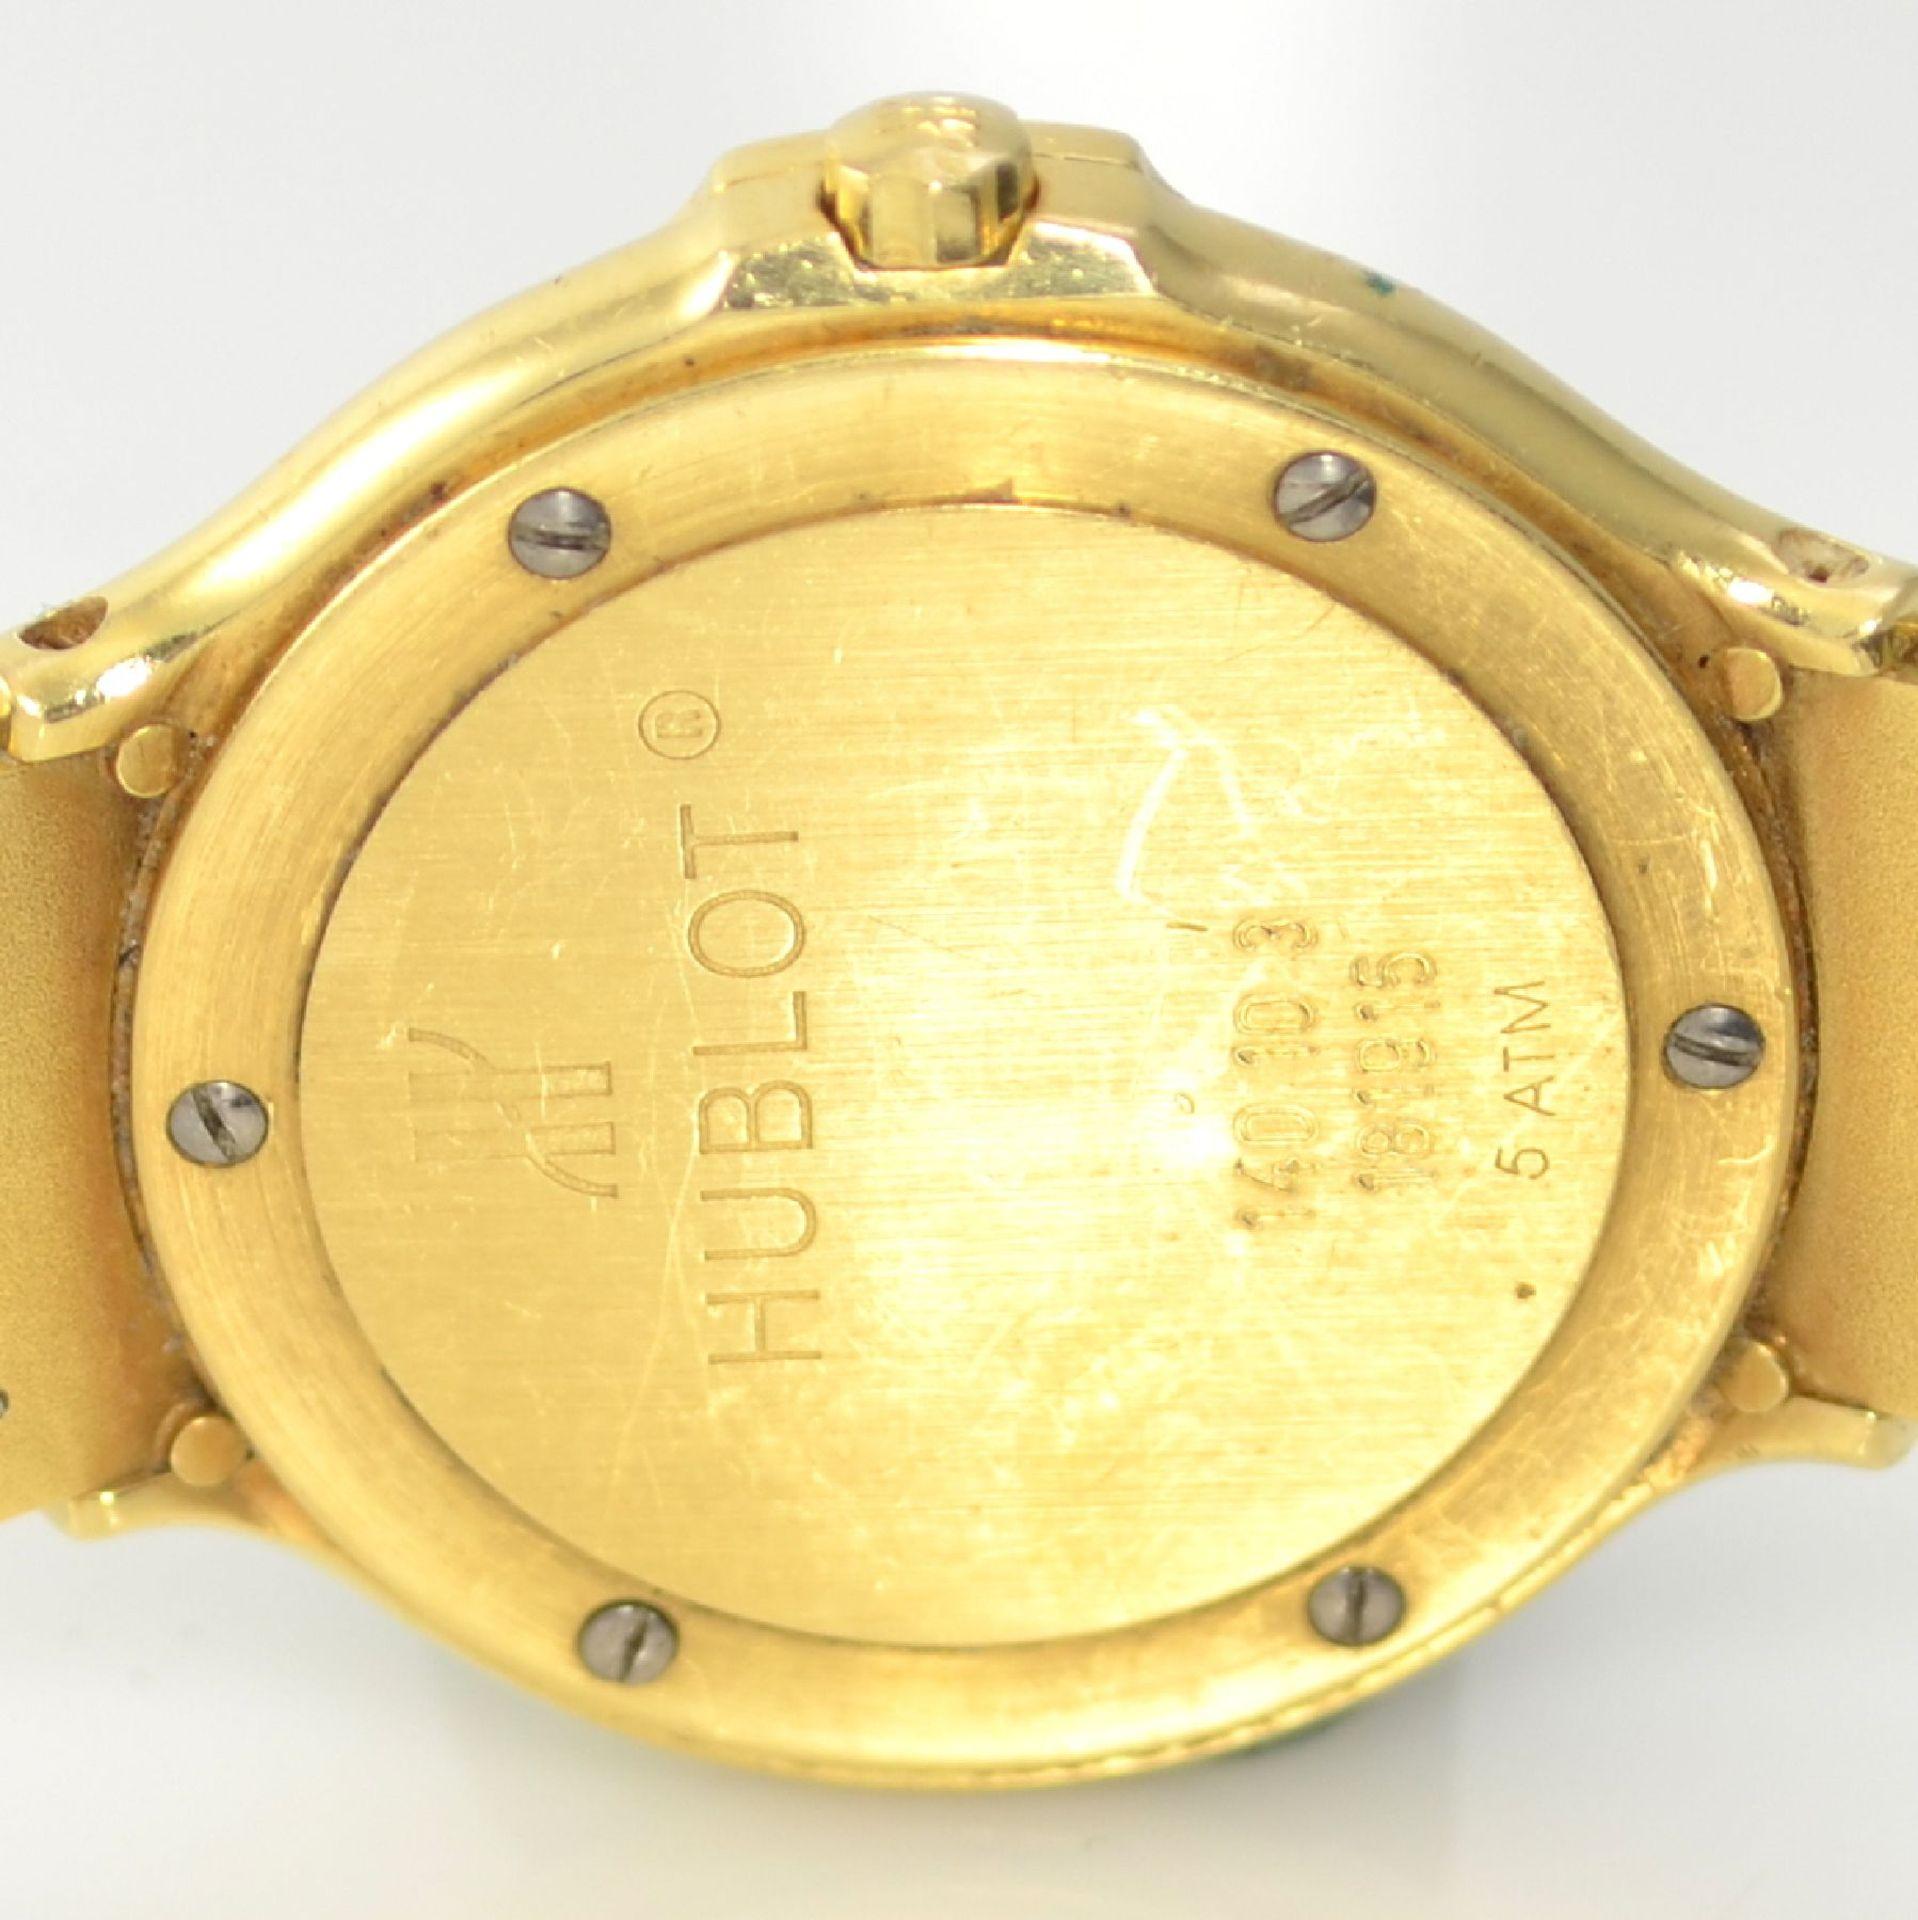 HUBLOT MDM Armbanduhr in GG 750/000, Schweiz um 1995, quarz, Ref. 140.10.3, massives Goldgeh., Boden - Bild 7 aus 7